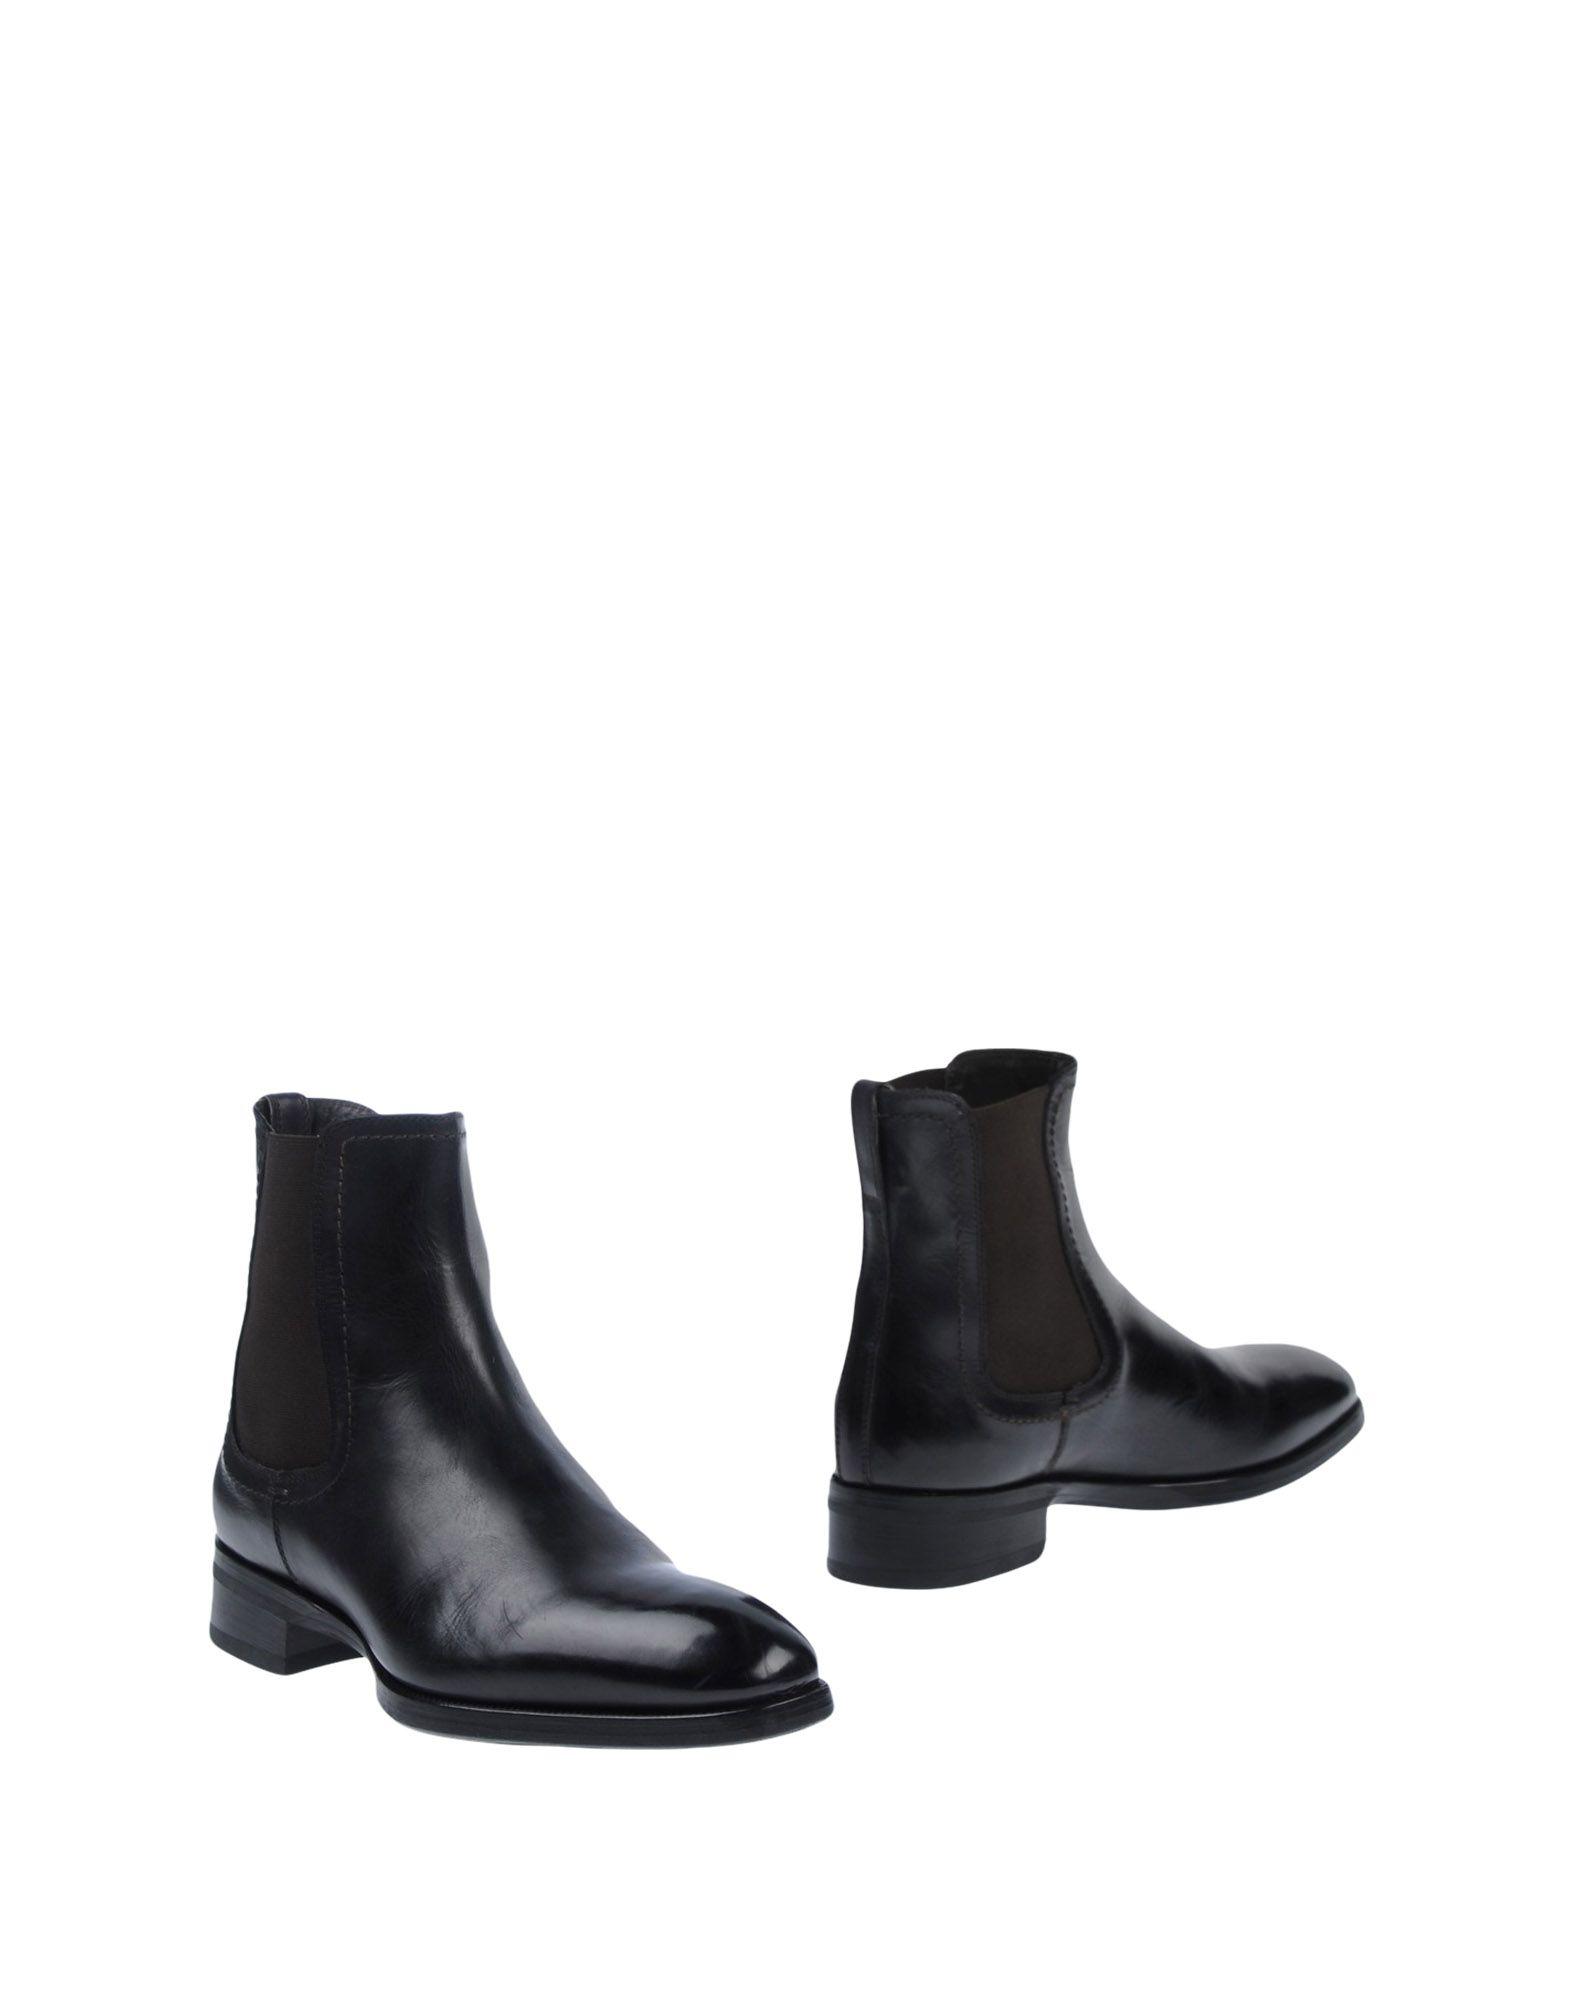 Max Verre Stiefelette Herren  11508186IK Gute Qualität beliebte Schuhe